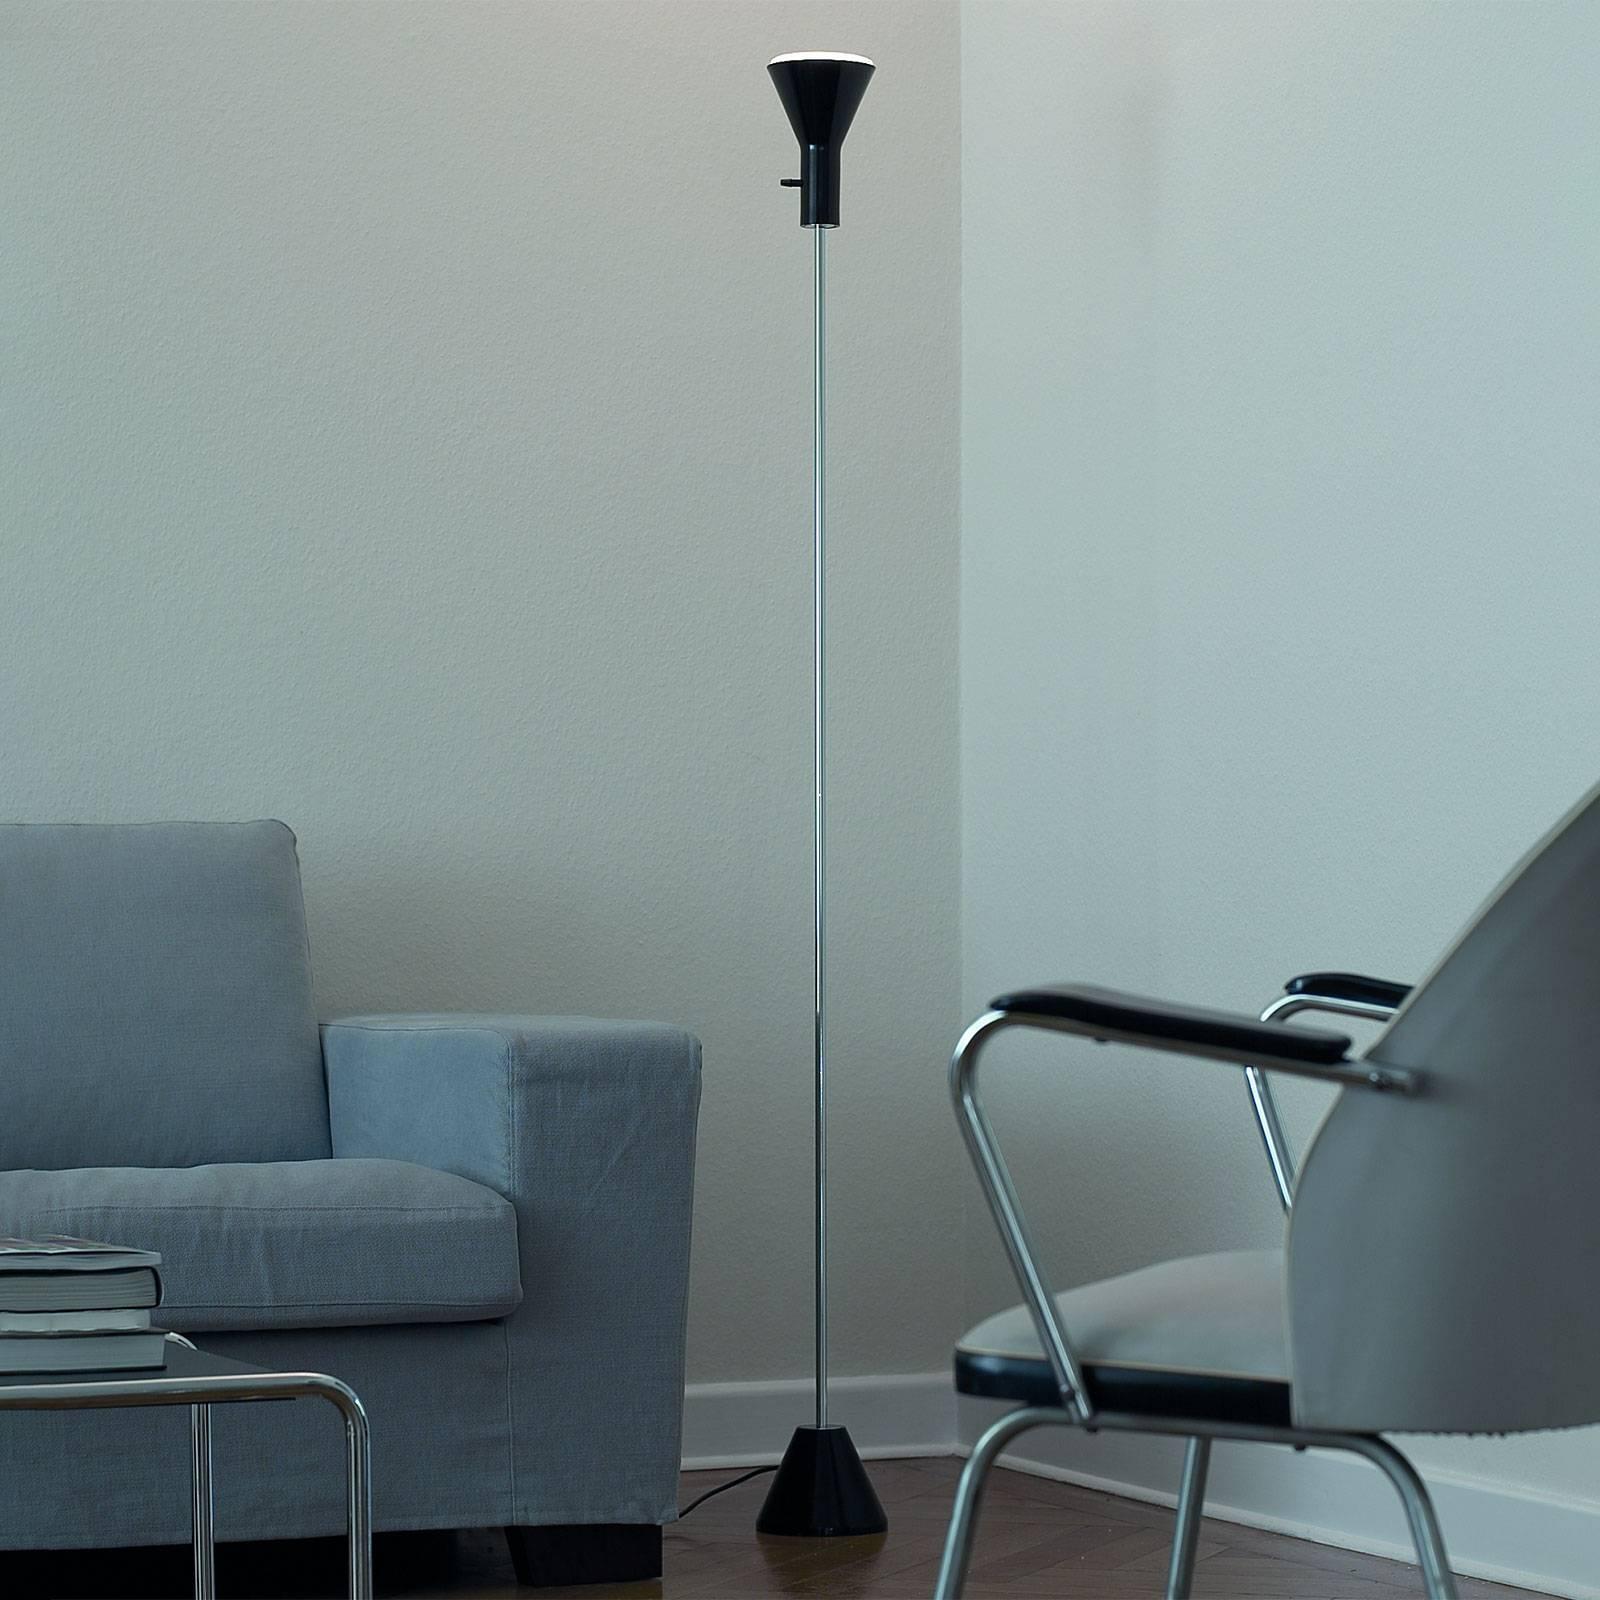 stehlampen und andere lampen von tecnolumen online kaufen bei m bel garten. Black Bedroom Furniture Sets. Home Design Ideas